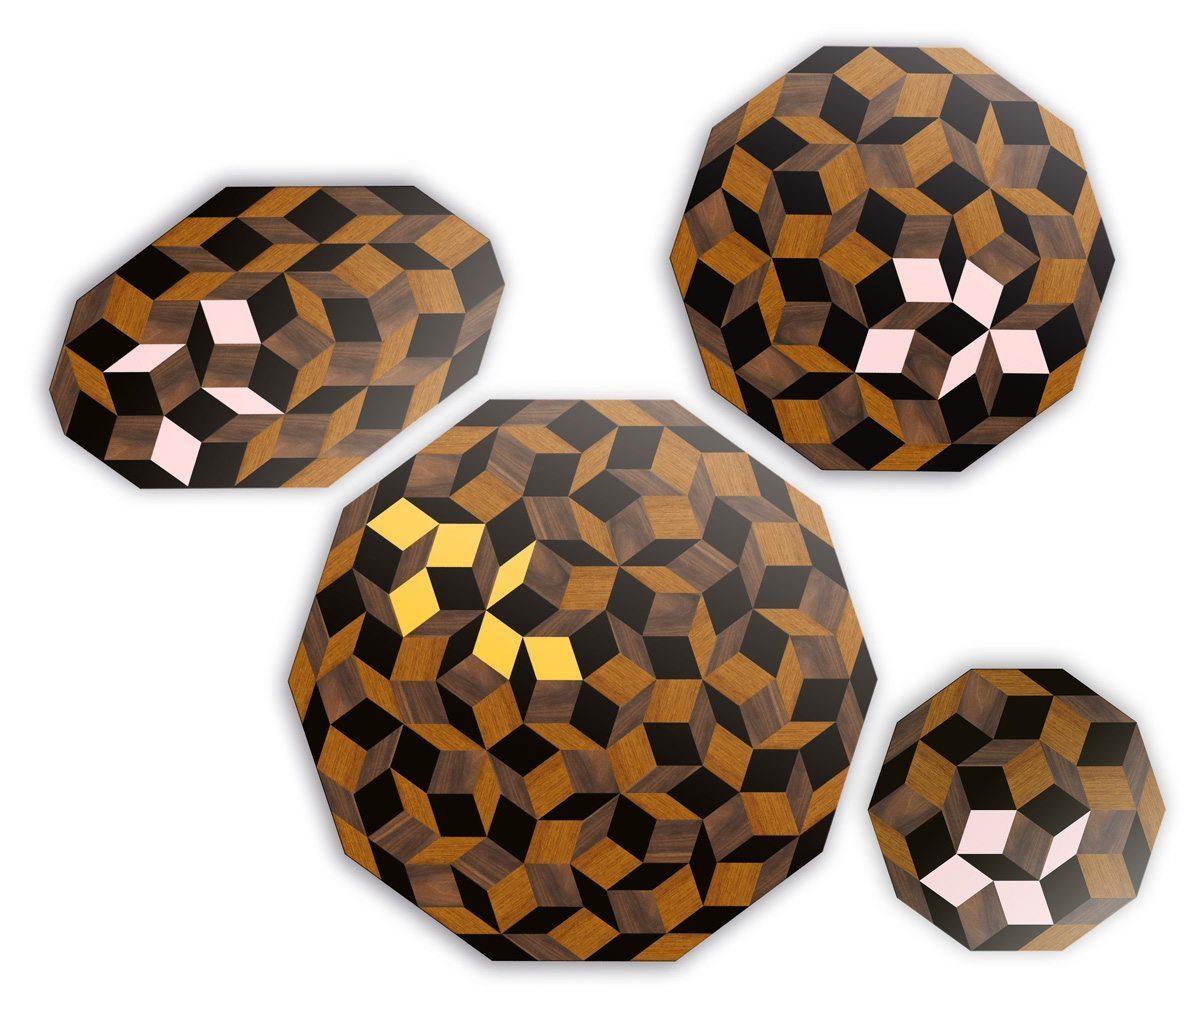 Tables basse, guéridon et table à manger Penrose Springwood et Summerwood, motif géométrique, marqueterie de bois avec éclat rose poudré ou jaune, édition Bazartherapy